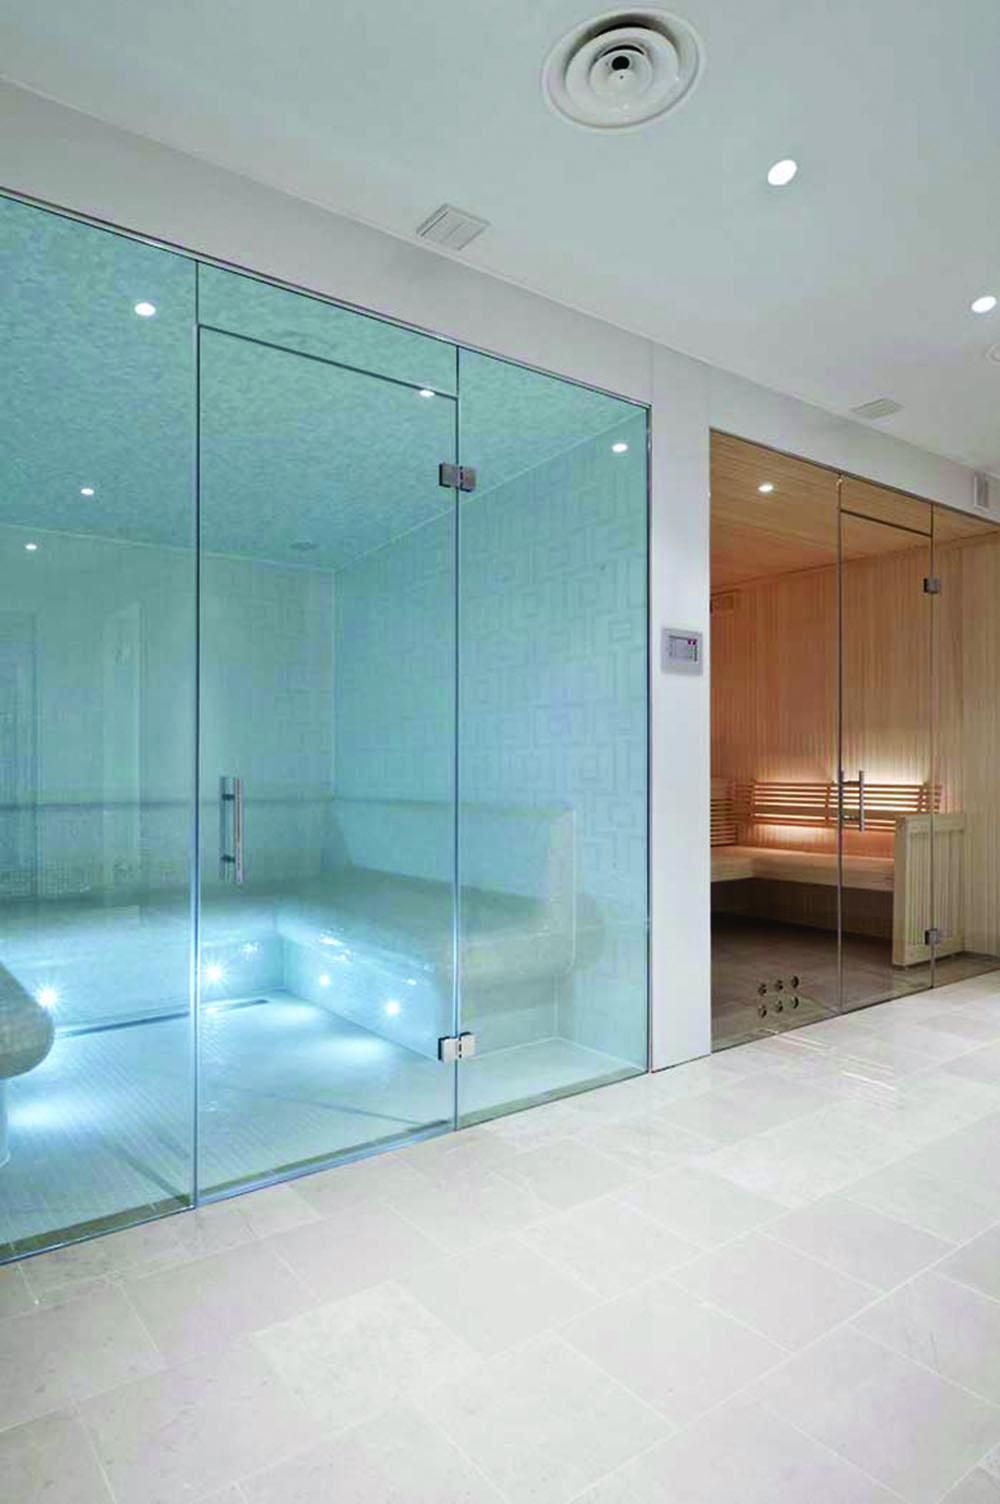 Frameless Glass Steam Rooms Sauna Screens Glasstrends Shower Doors Cubicles